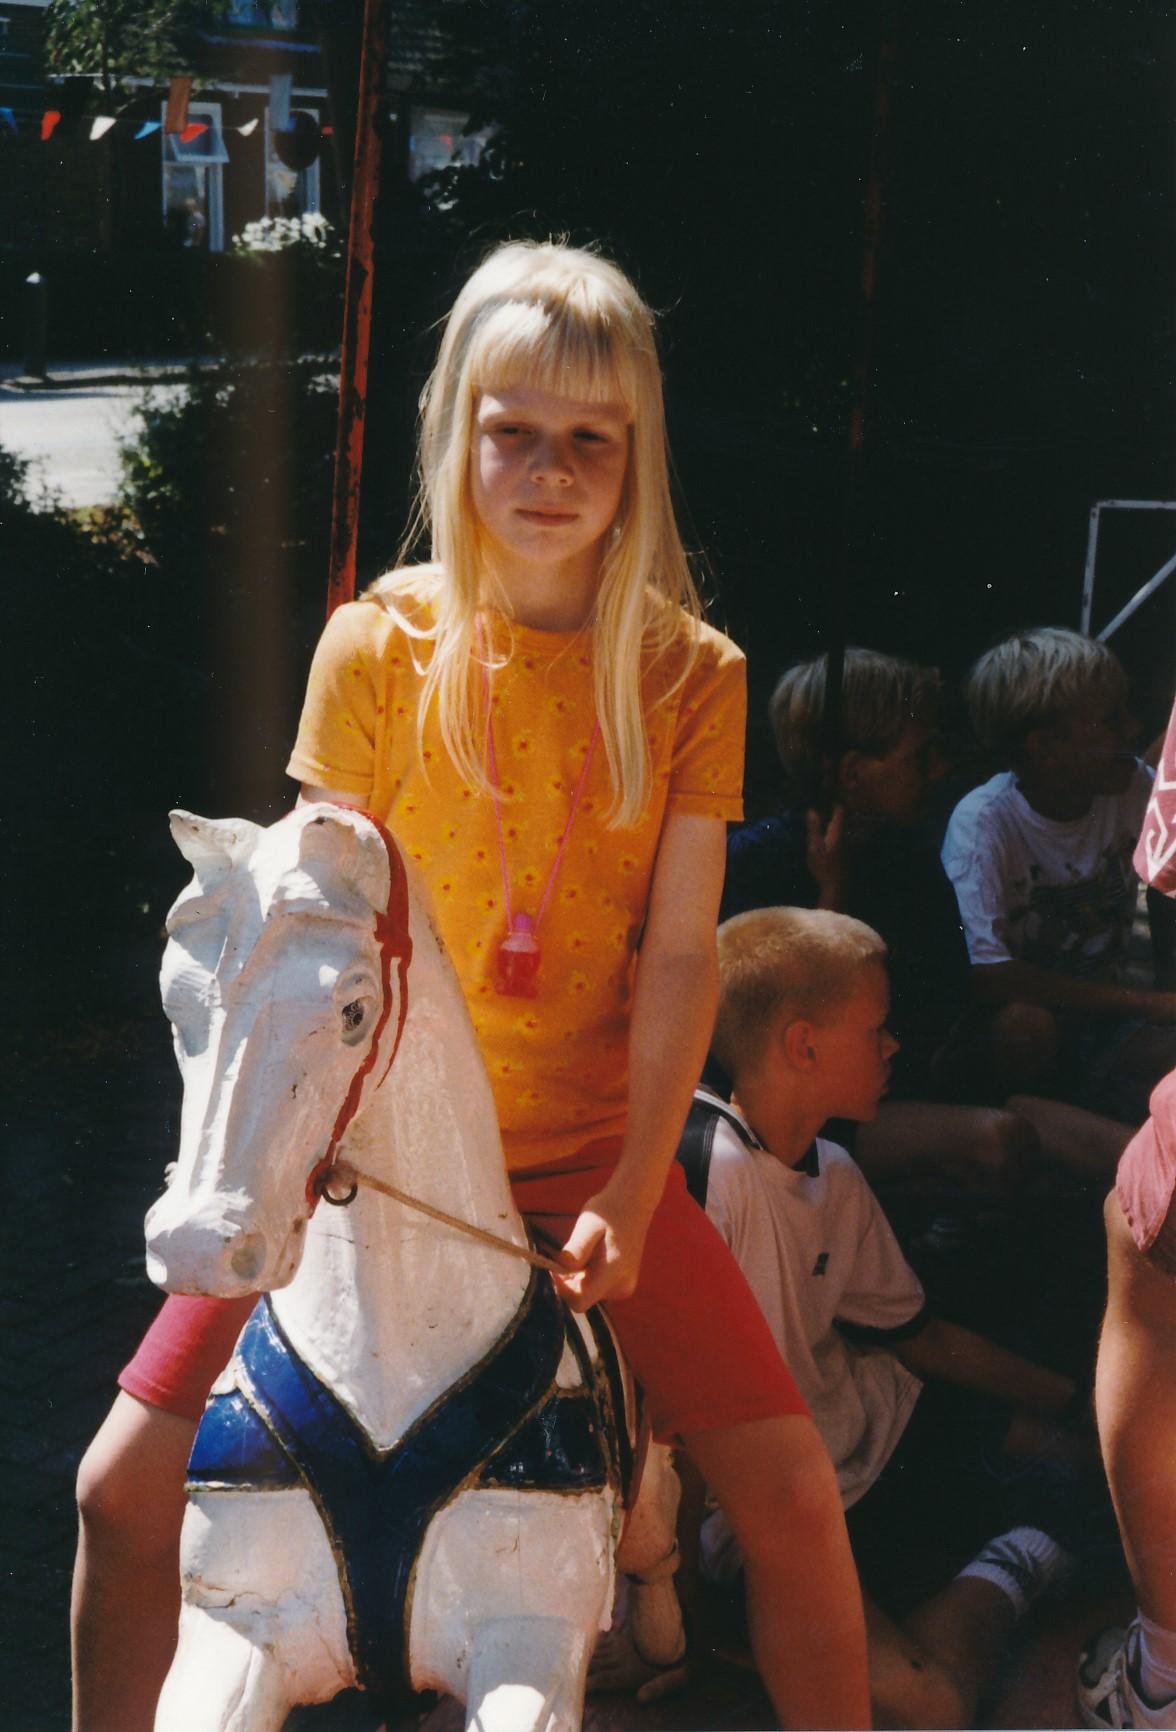 Fotoalbum Anneke Miedema, 061, Jitske, merke 1998, augustus